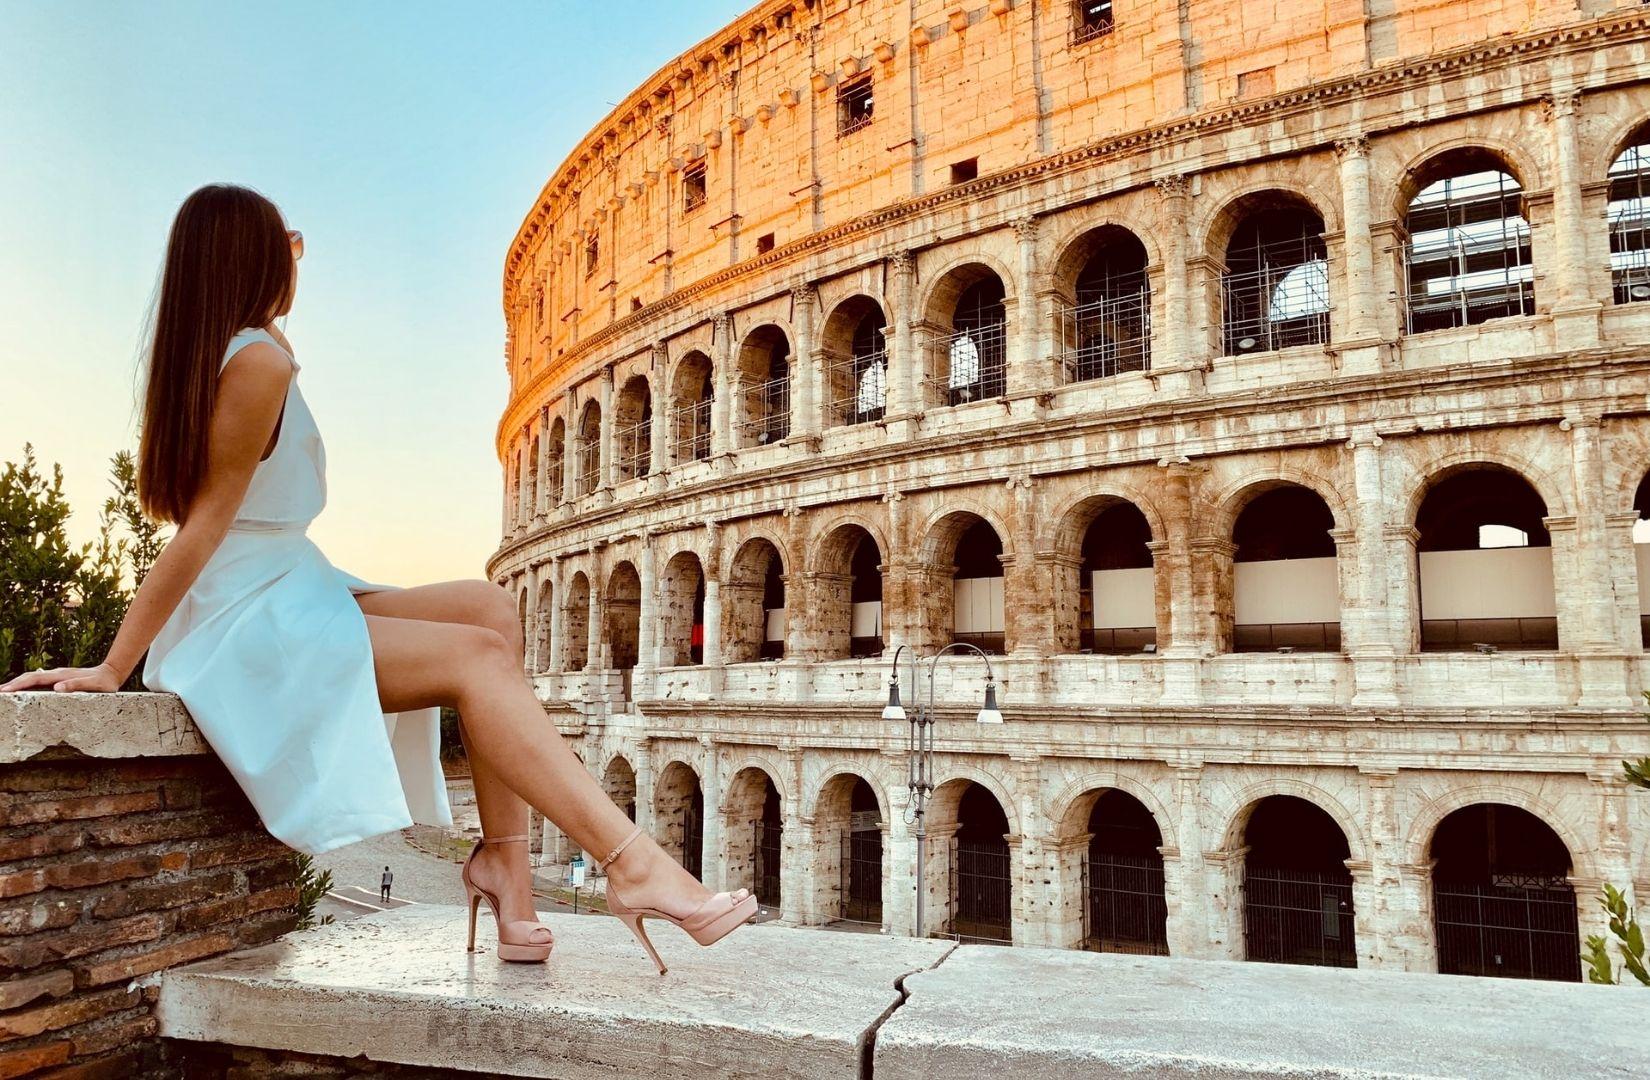 Eine Frau in Rom, wo Augustus als erster Kaiser regierte. (Foto Mike Swigunski, Unsplash.com)